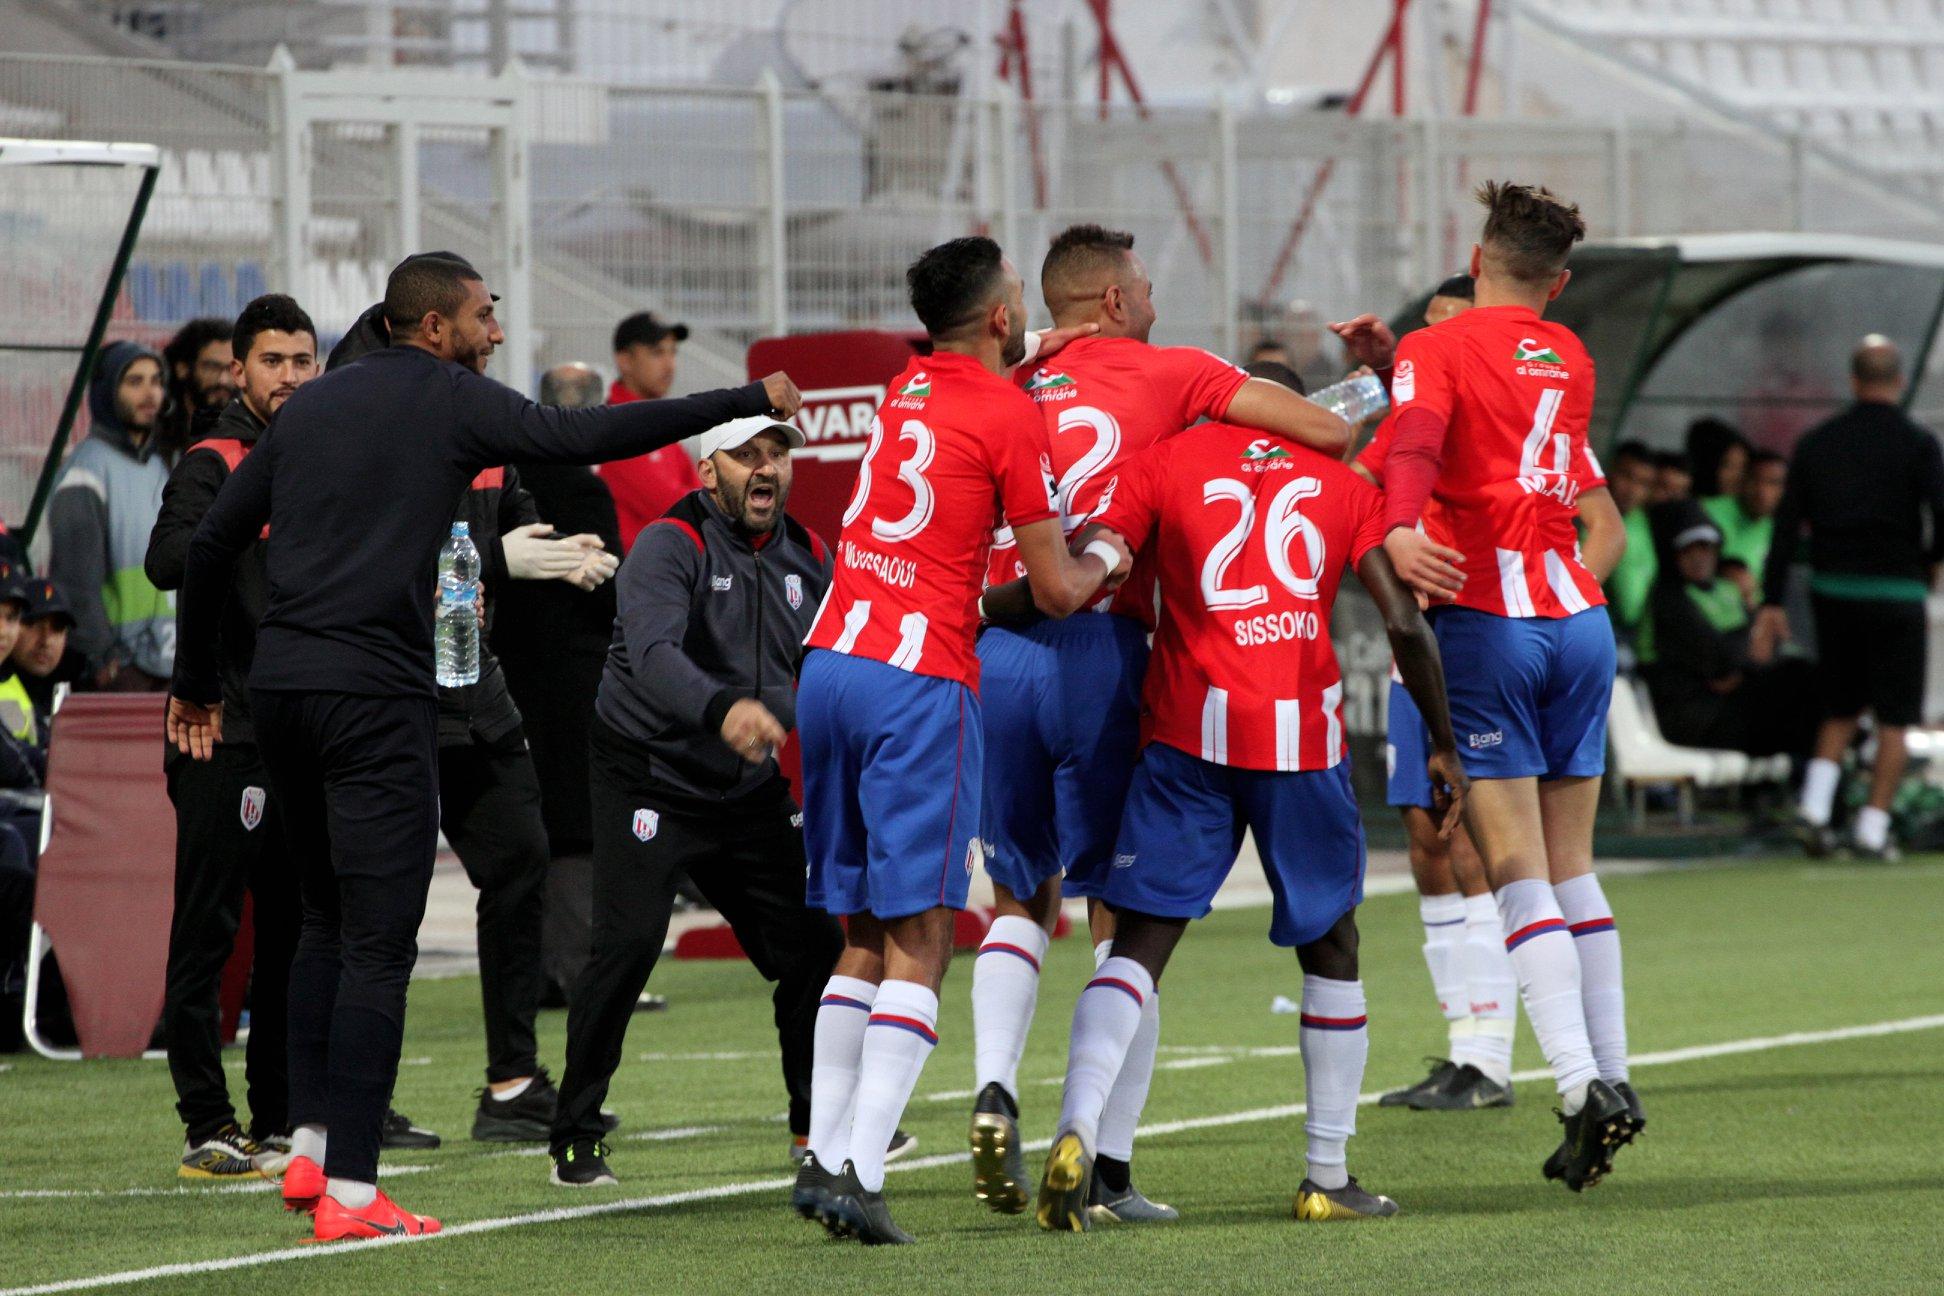 المغرب التطواني يسدد مستحقات لاعبيه قبل مباراة الرجاء !